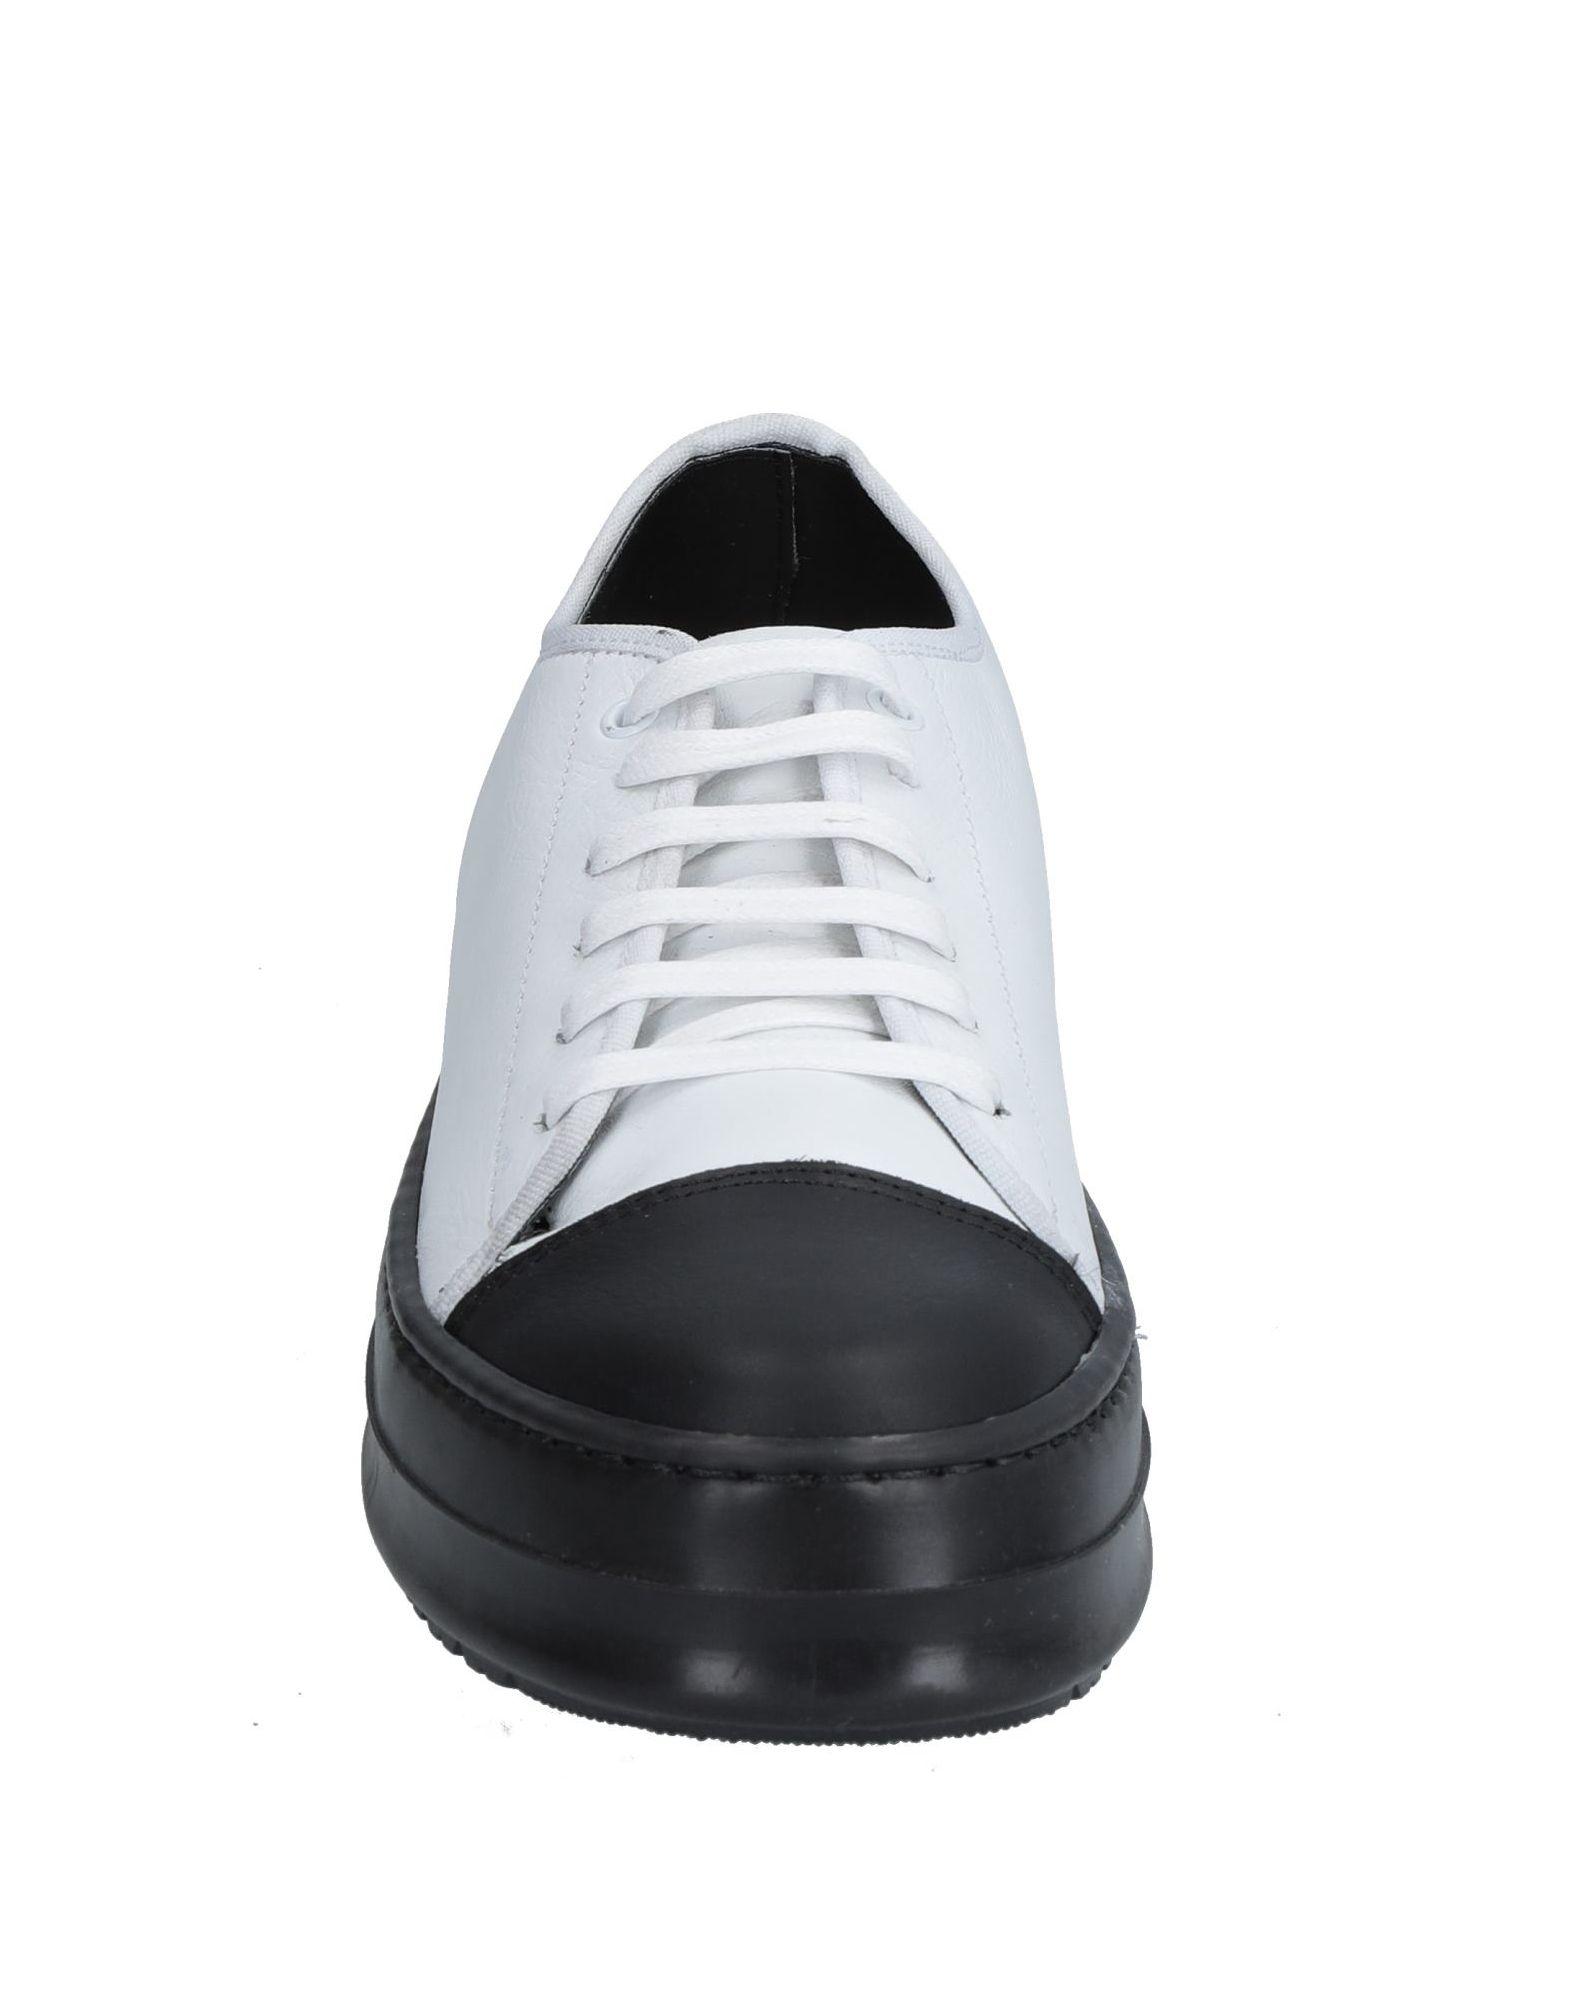 Bottega Marchigiana Sneakers Herren   Herren 11542349OK 09c37d